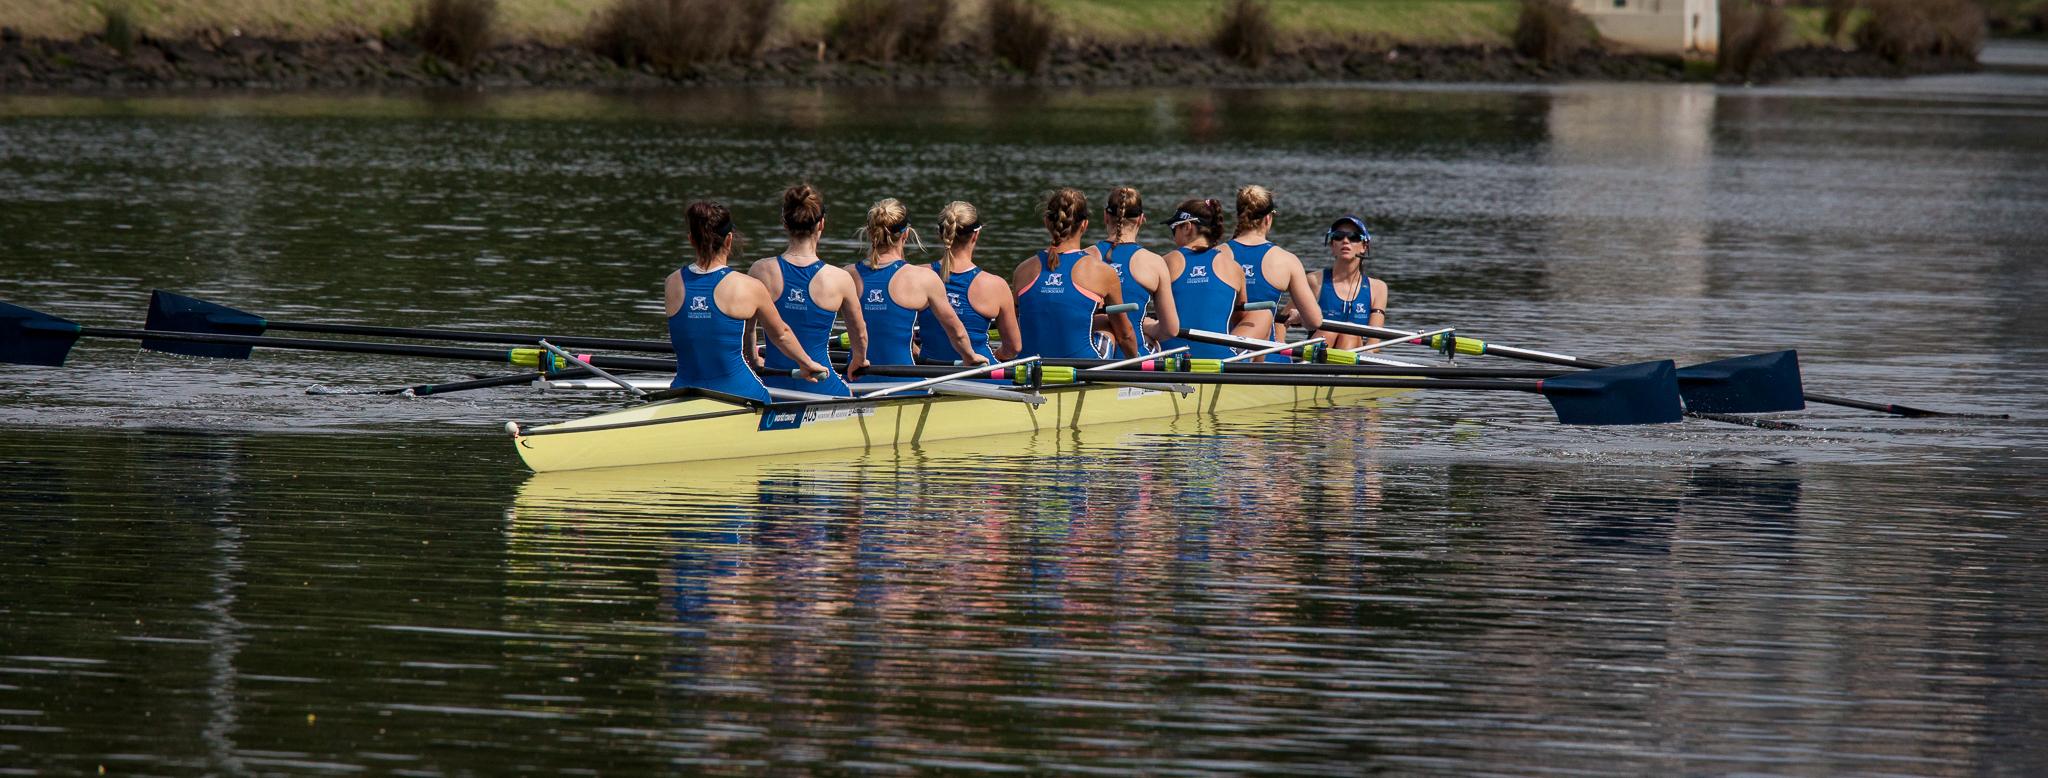 Boat Race-7.jpg